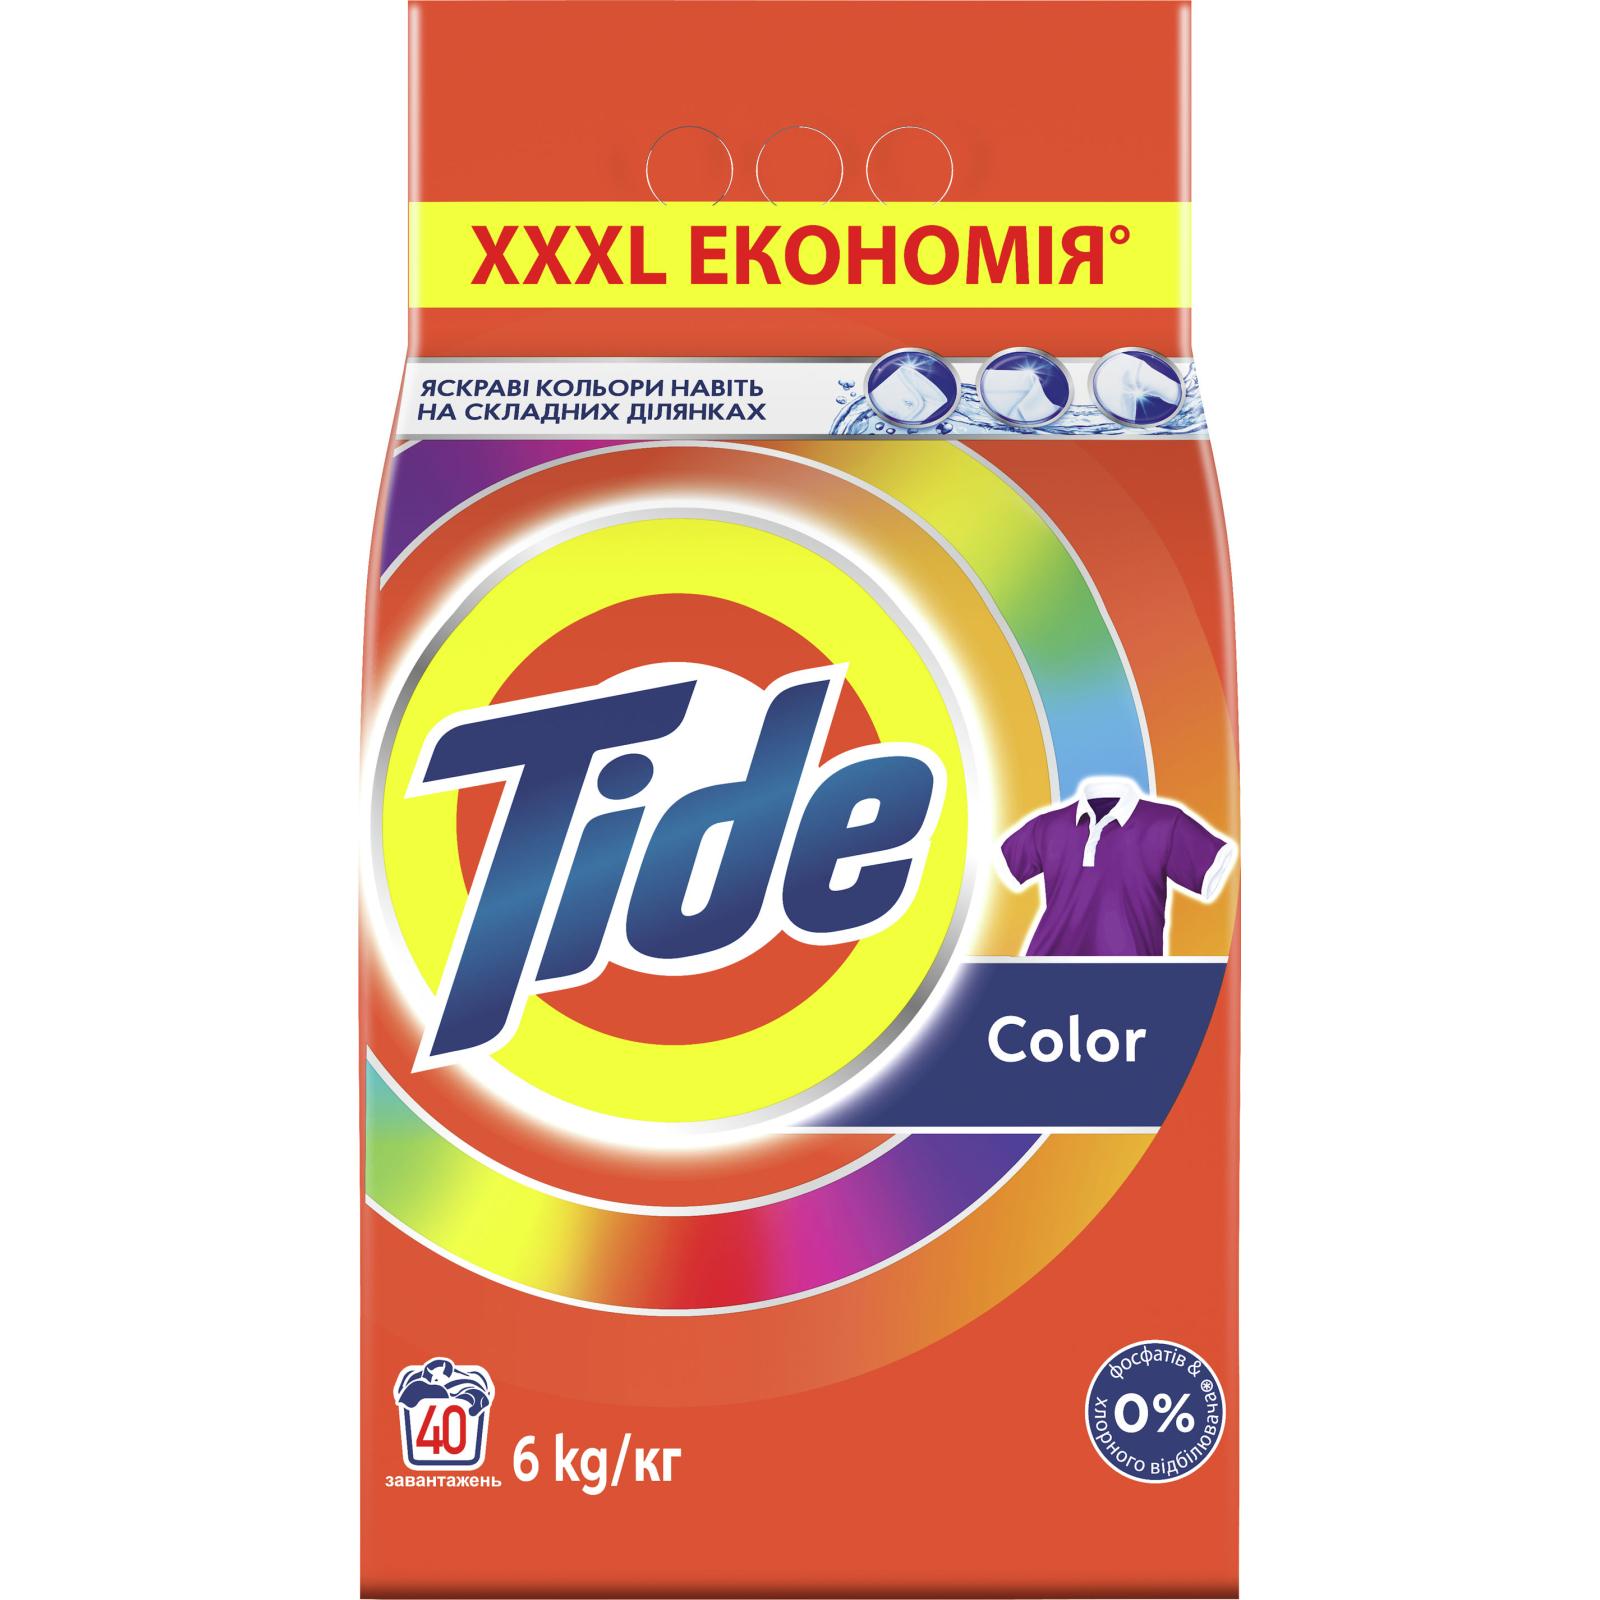 Стиральный порошок Tide Color 6 кг (5413149257252)